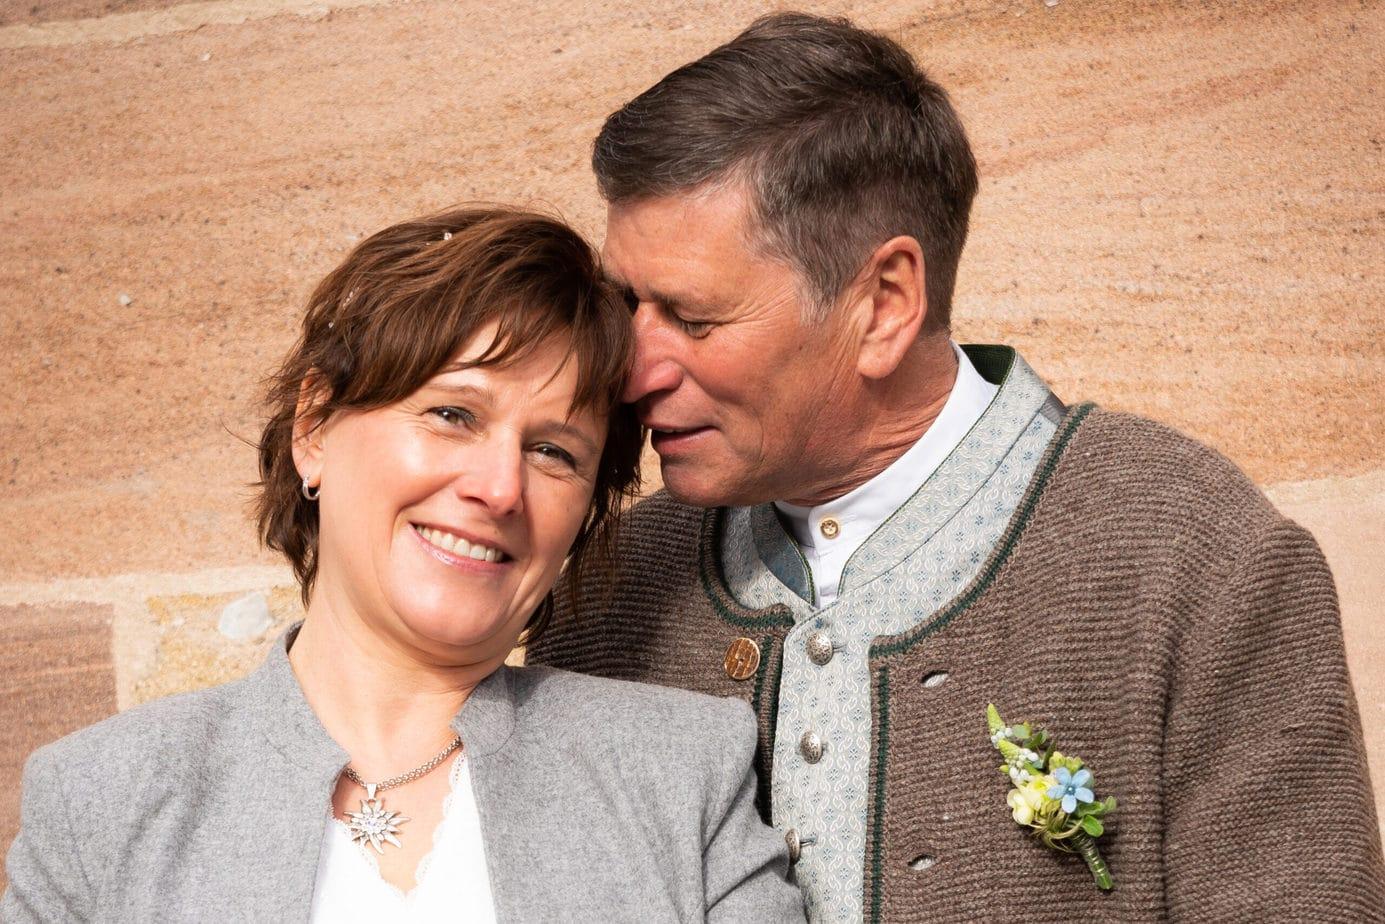 Hochzeitsfotografie in Zeiten von Corona